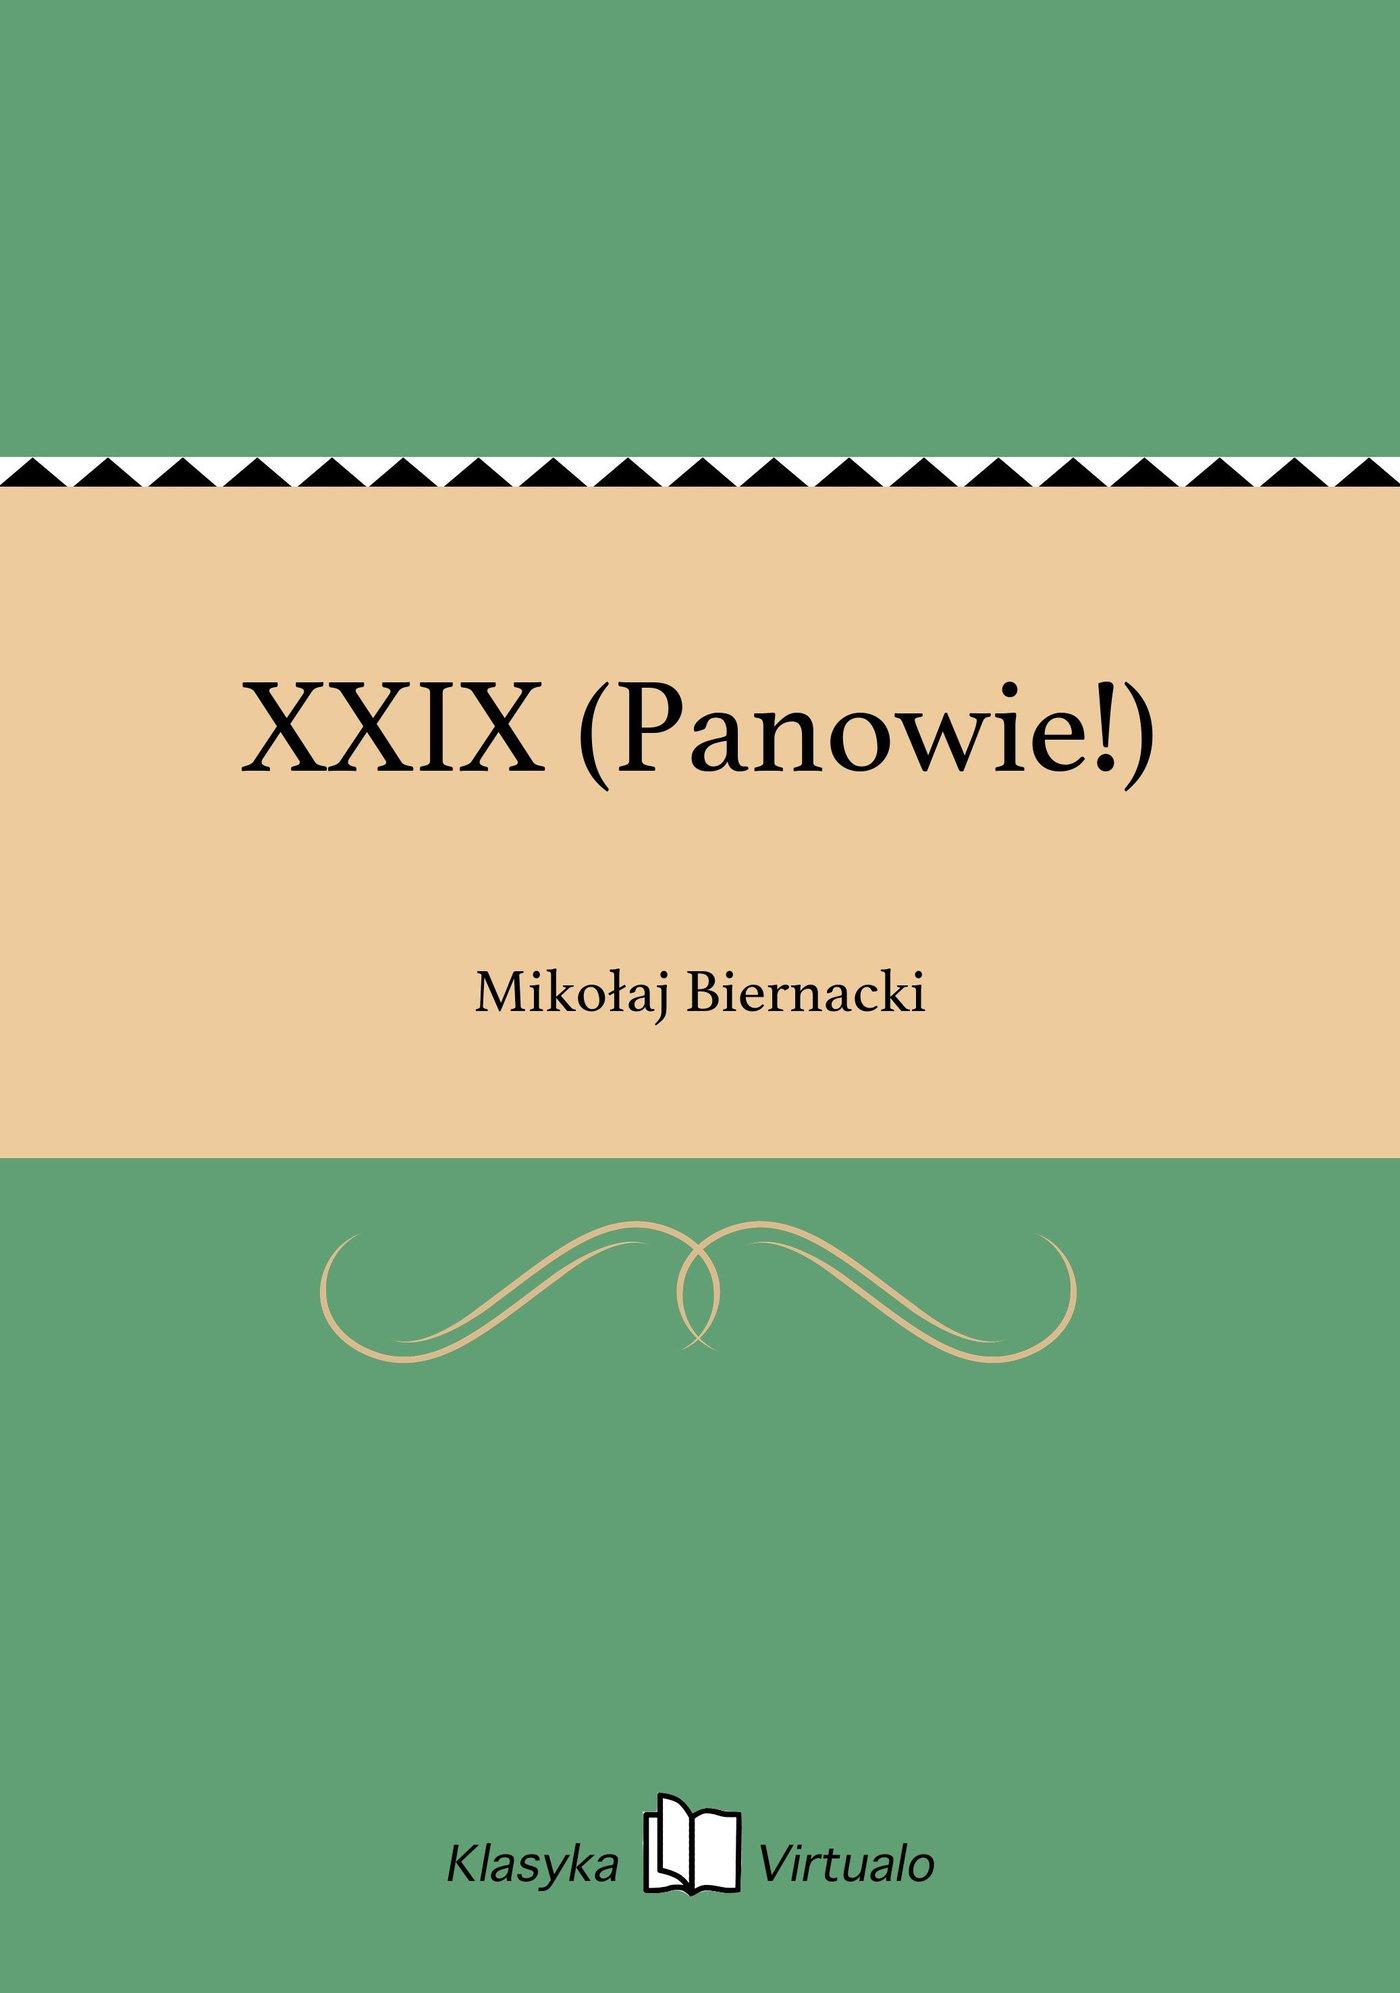 XXIX (Panowie!) - Ebook (Książka EPUB) do pobrania w formacie EPUB